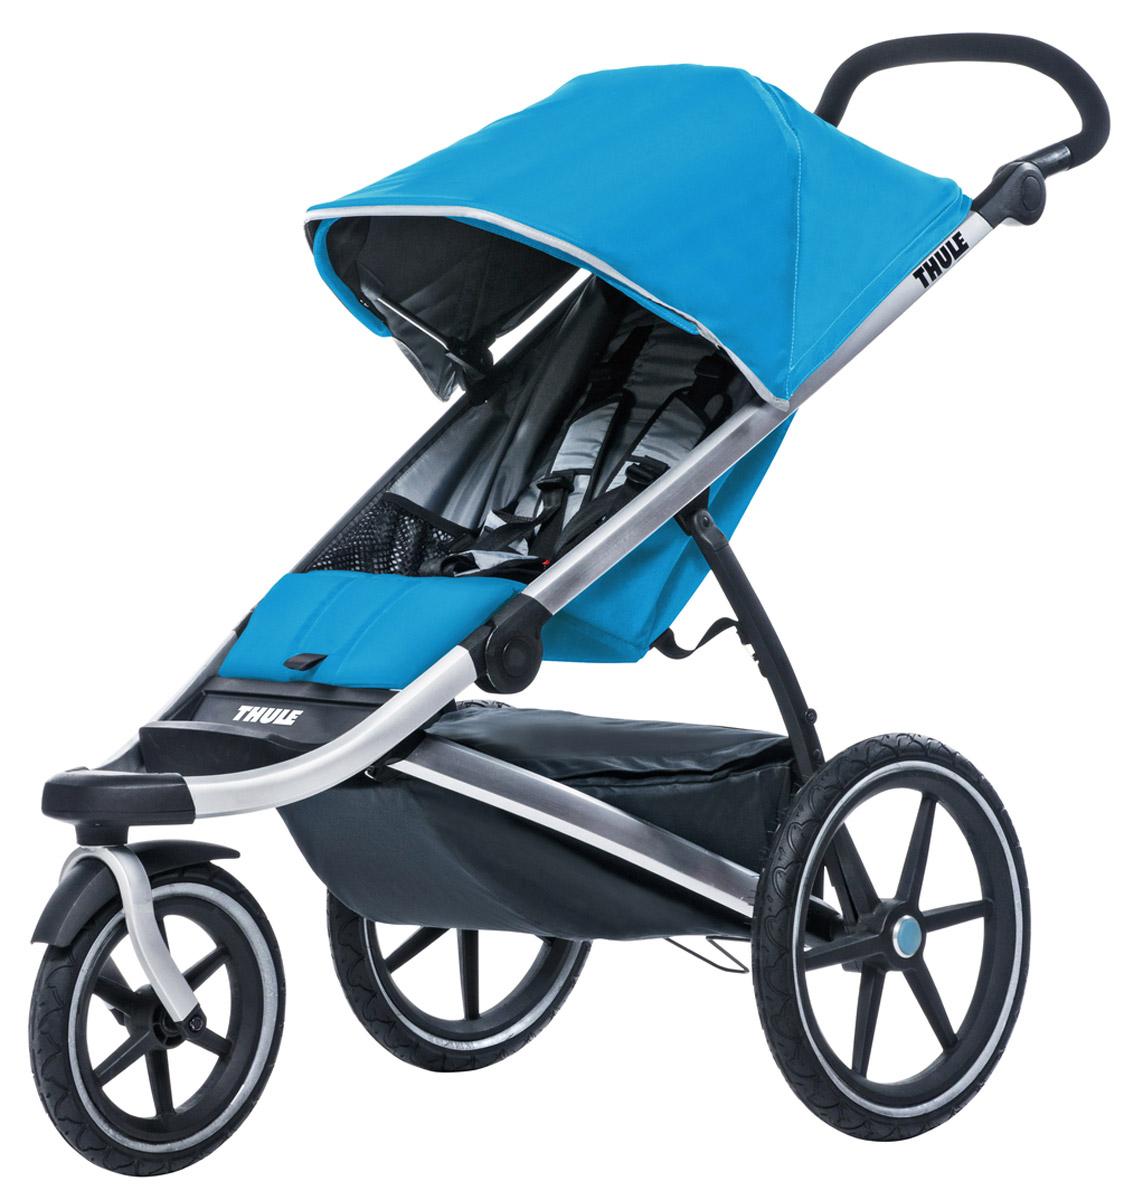 Thule Коляска прогулочная Urban Glide1 цвет голубой10101905Thule Urban Glide — детская коляска для различных видов спорта, характеризуется обтекаемой и легкой конструкцией, поэтому она идеально подходит для поездок в городе или бега трусцой по любимым дорожкам. Компактно складывается одной рукой для простоты хранения и транспортировки Поворачивающееся переднее колесо, повышающее маневренность, можно убрать в специальное отделение при беге трусцой Эргономичная ручка с регулируемой высотой для удобства родителей Задняя подвеска для мягкой и ровной езды Мягкое сидение с вентилируемым верхним слоем откидывается практически в горизонтальное положение, чтобы ребенок мог спать во время езды Навес с несколькими вариантами положений для дополнительной защиты и окошком, чтобы вы могли видеть своего ребенка Большое отделение с водонепроницаемой крышкой, закрывающейся на молнию